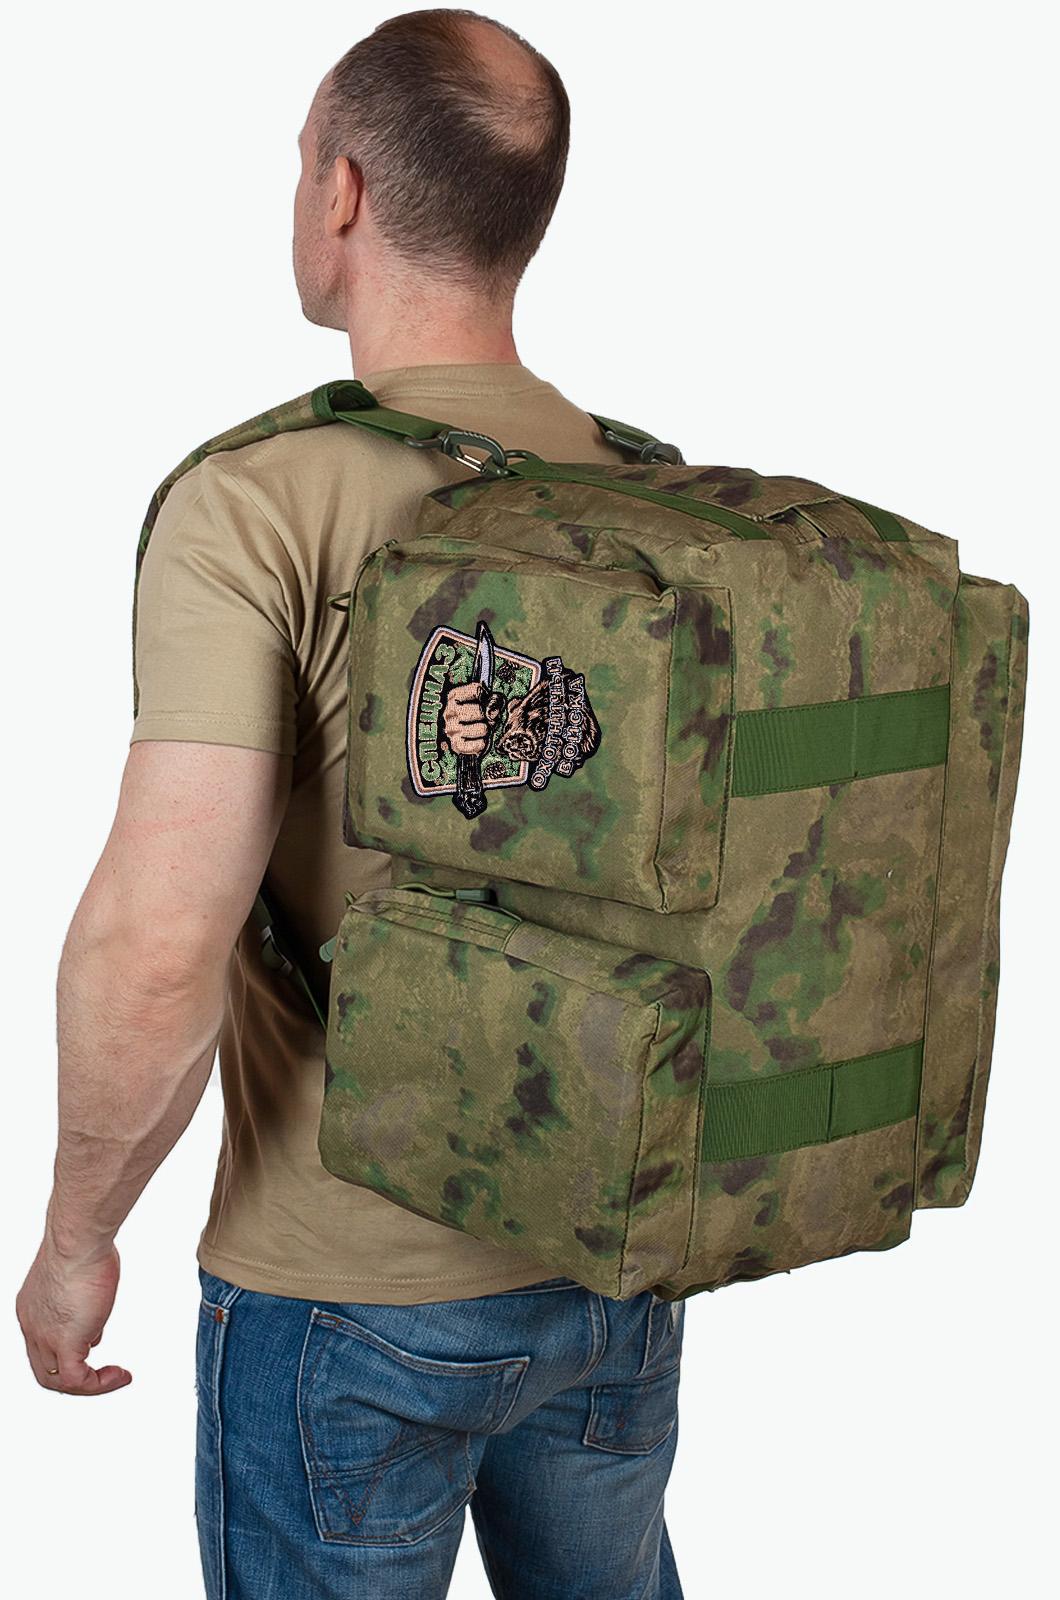 Походная полевая сумка с эмблемой Охотничьих войск куить по сбалансированной цене